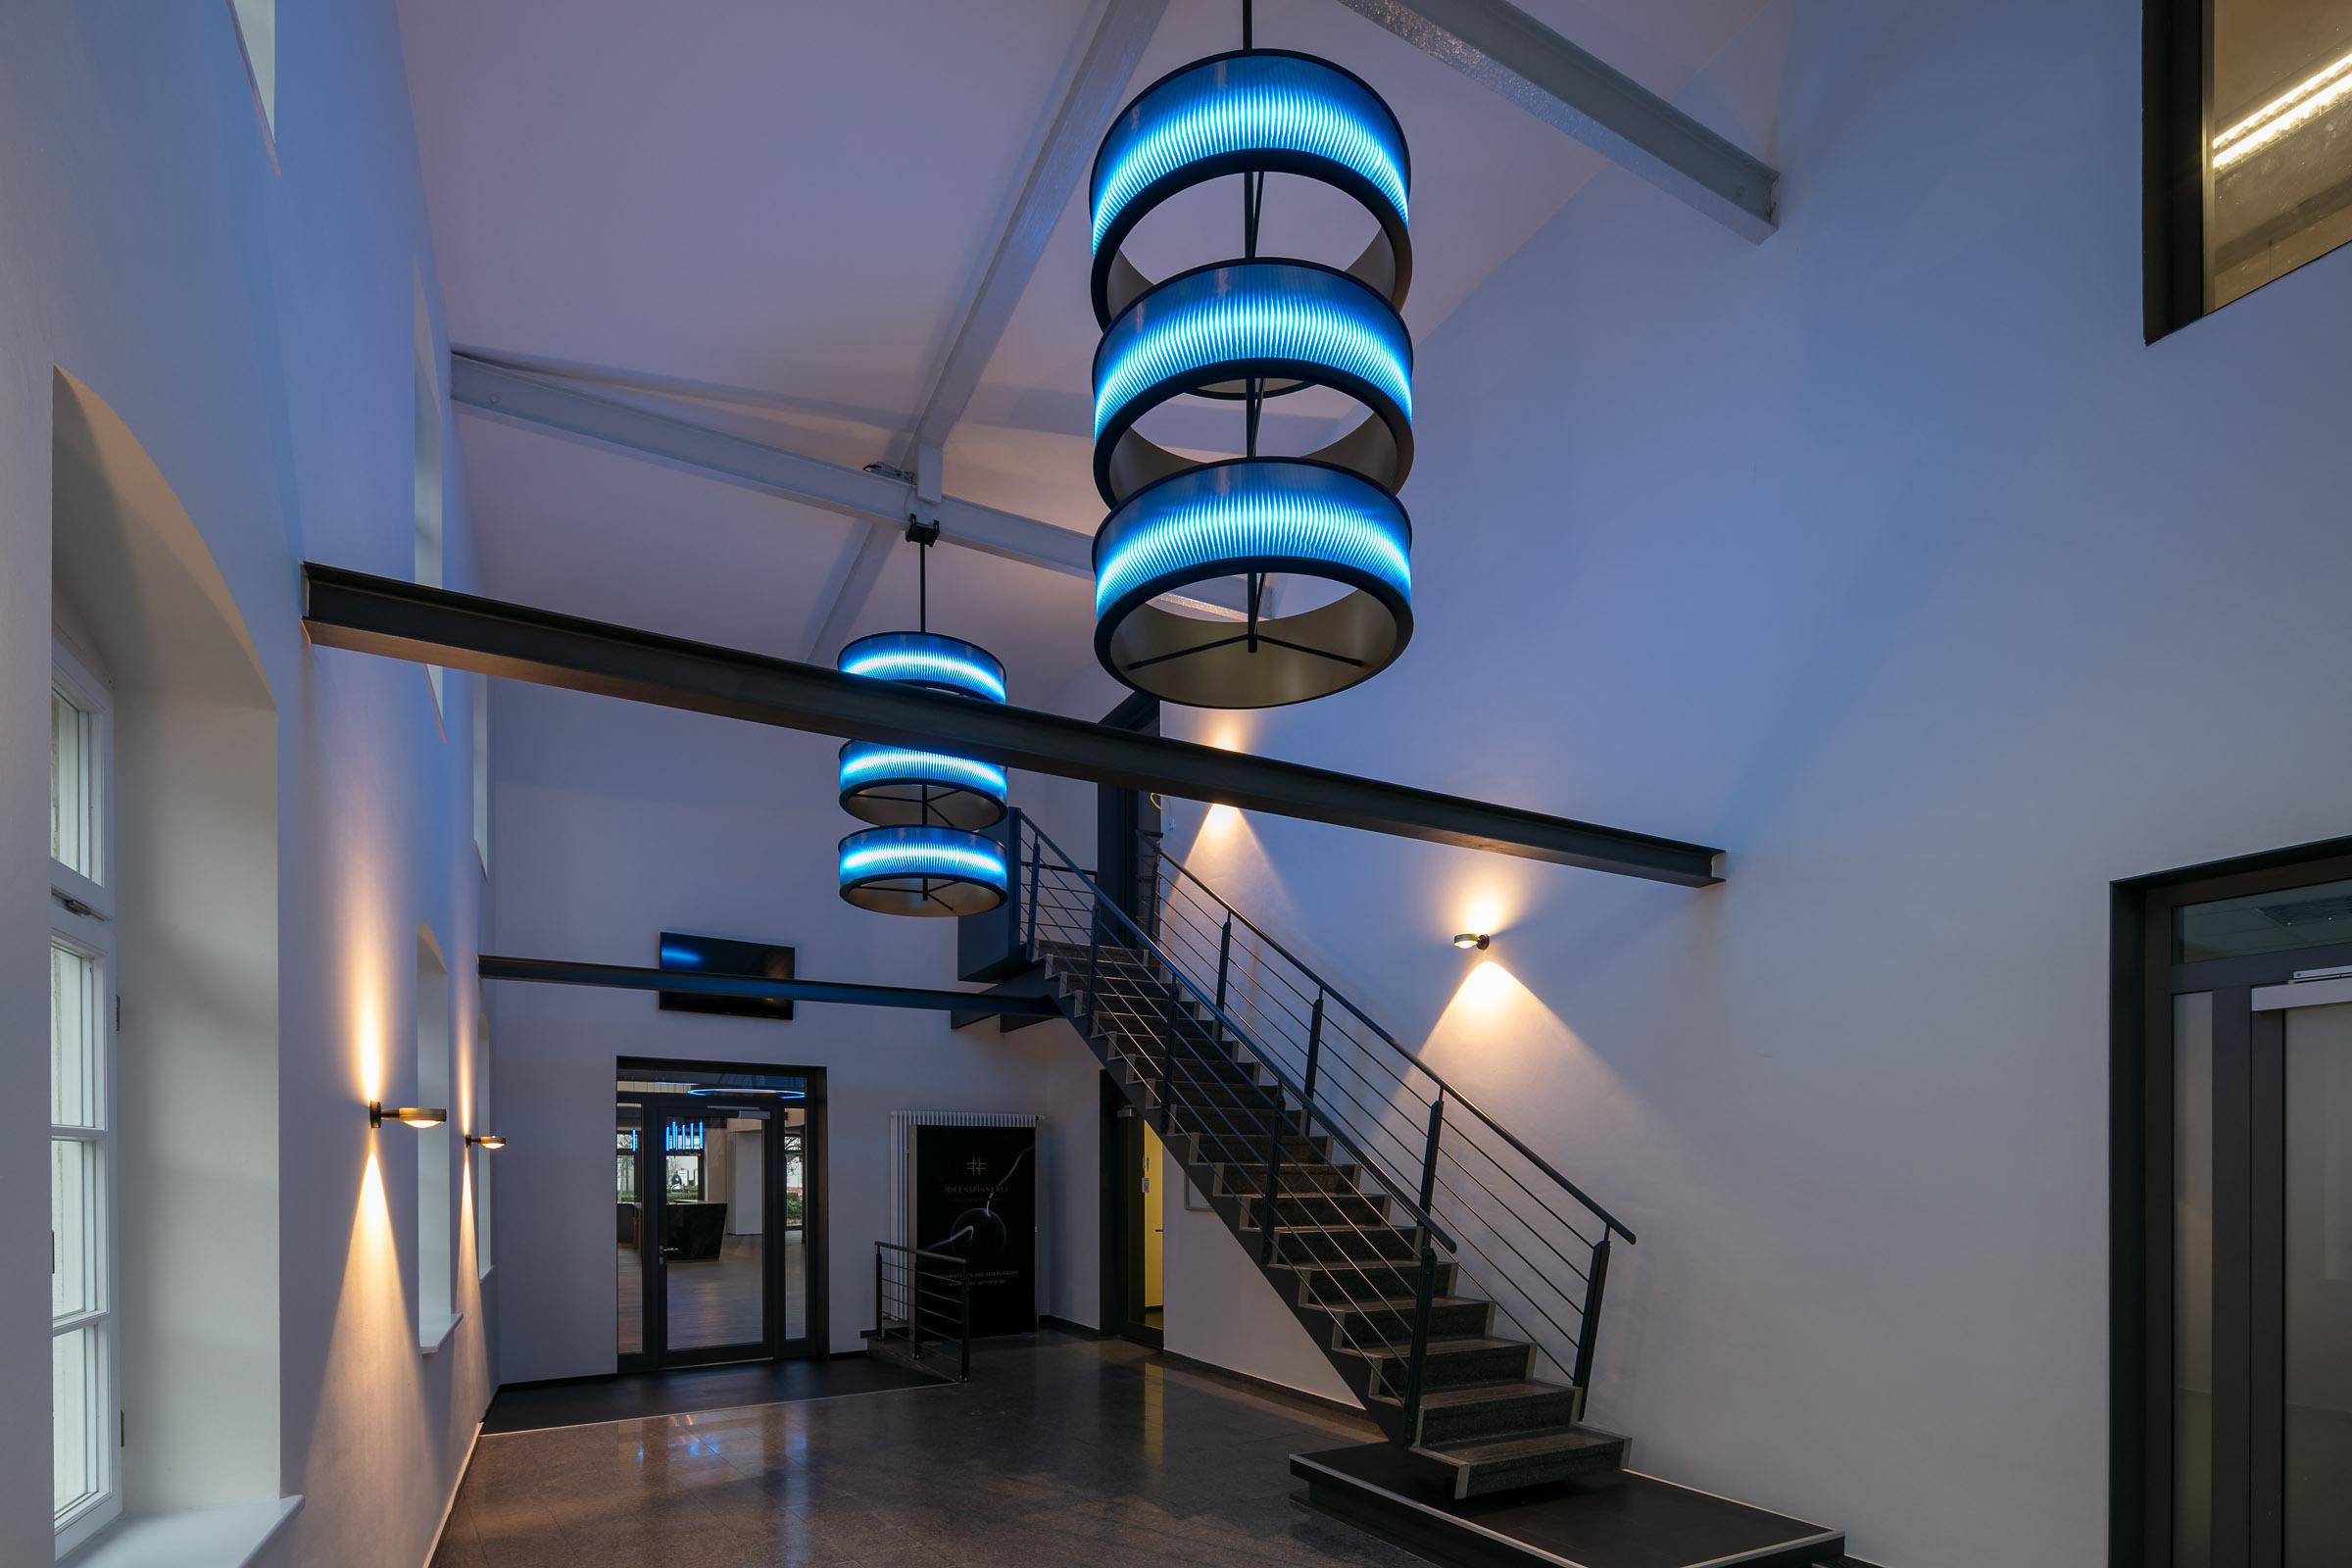 Blau leuchtende Ringleuchten der Marke MATRIX in einem Eingangbsereich